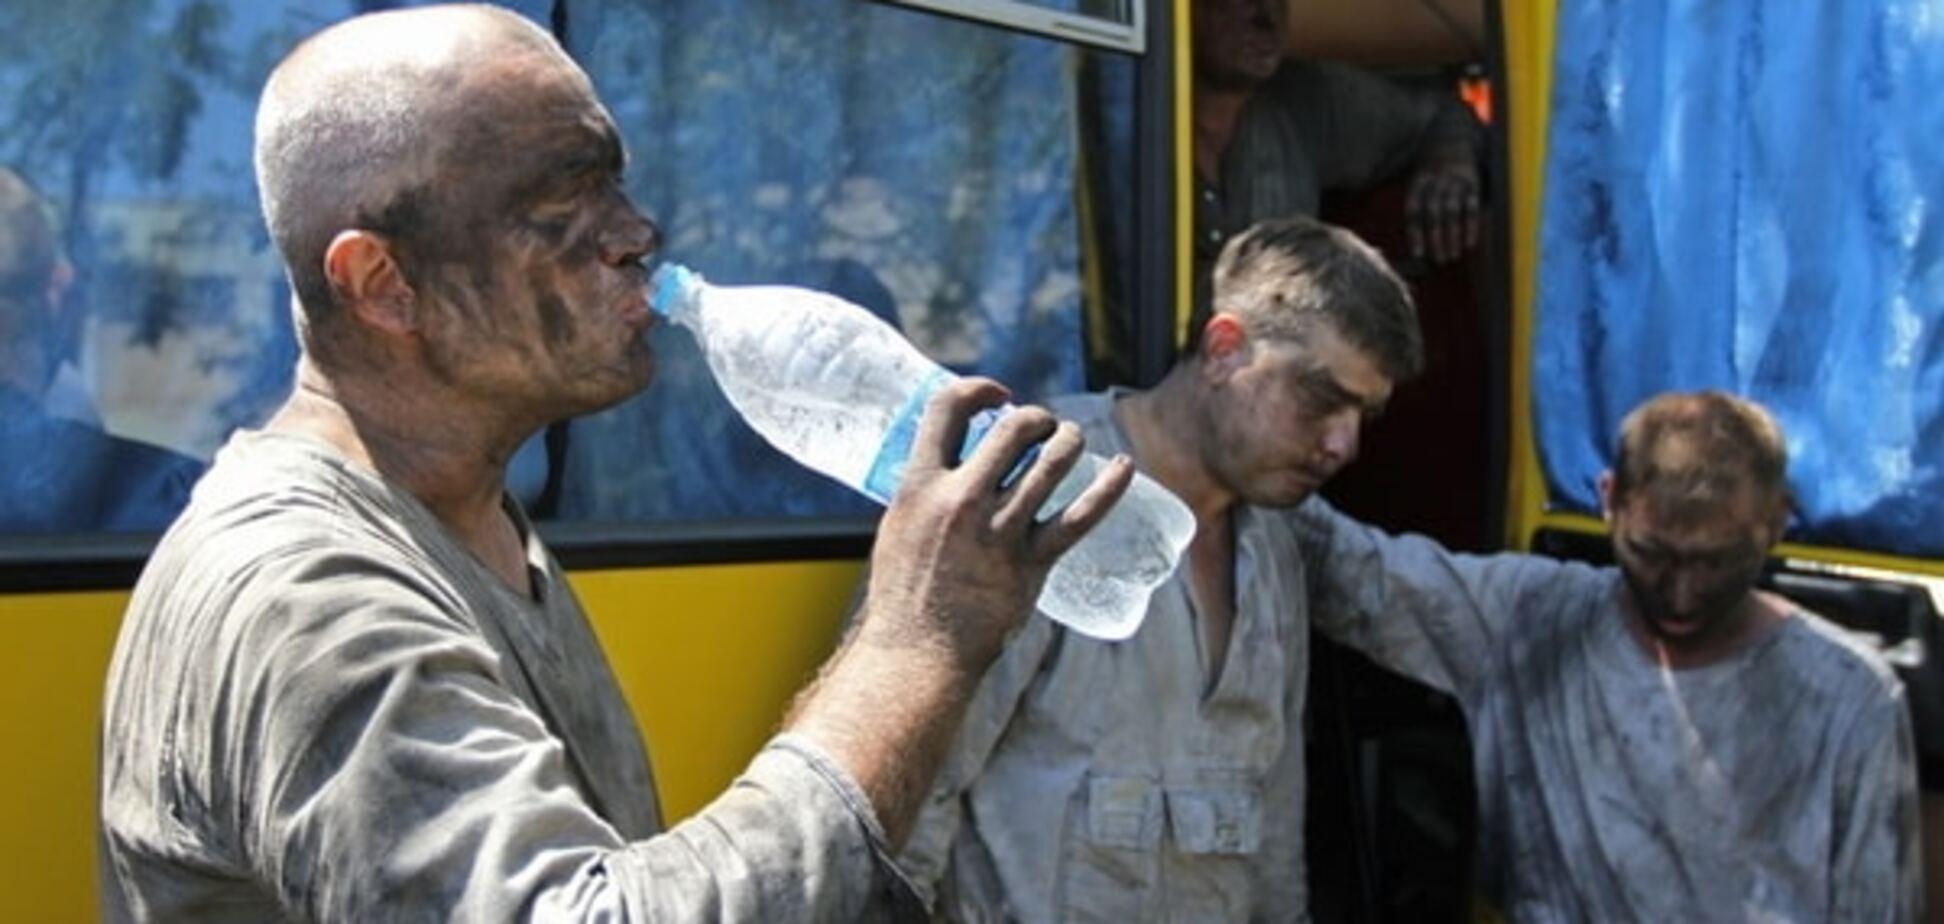 'Давайте відстоювати право на життя': в окупованій Макіївці відбудеться мітинг шахтарів